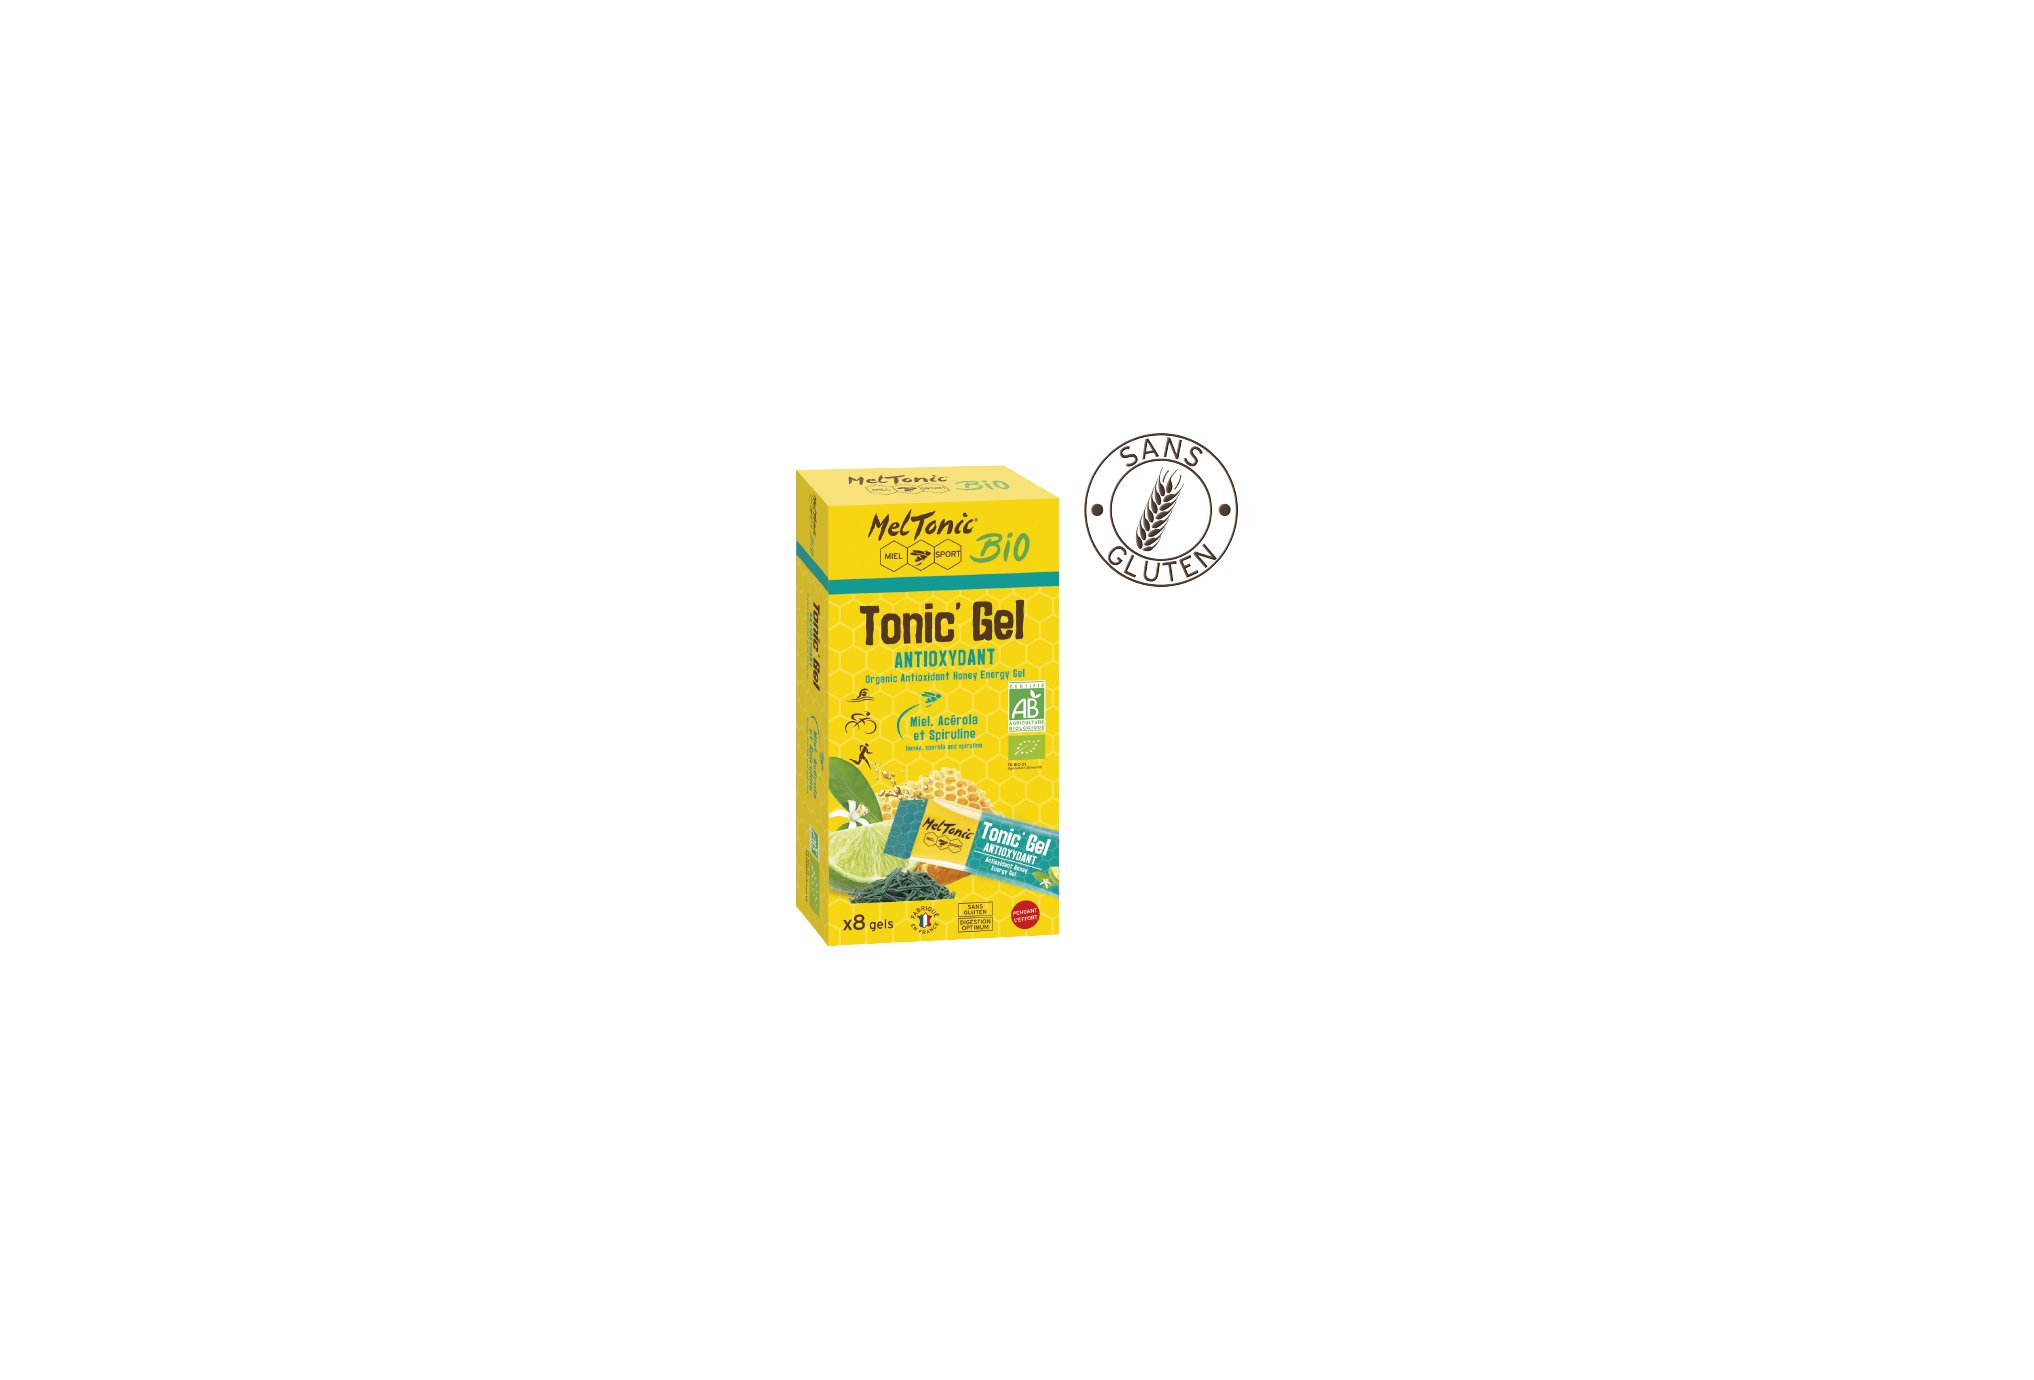 MelTonic Etui Tonic'Gel Antioxydant Bio Diététique Gels